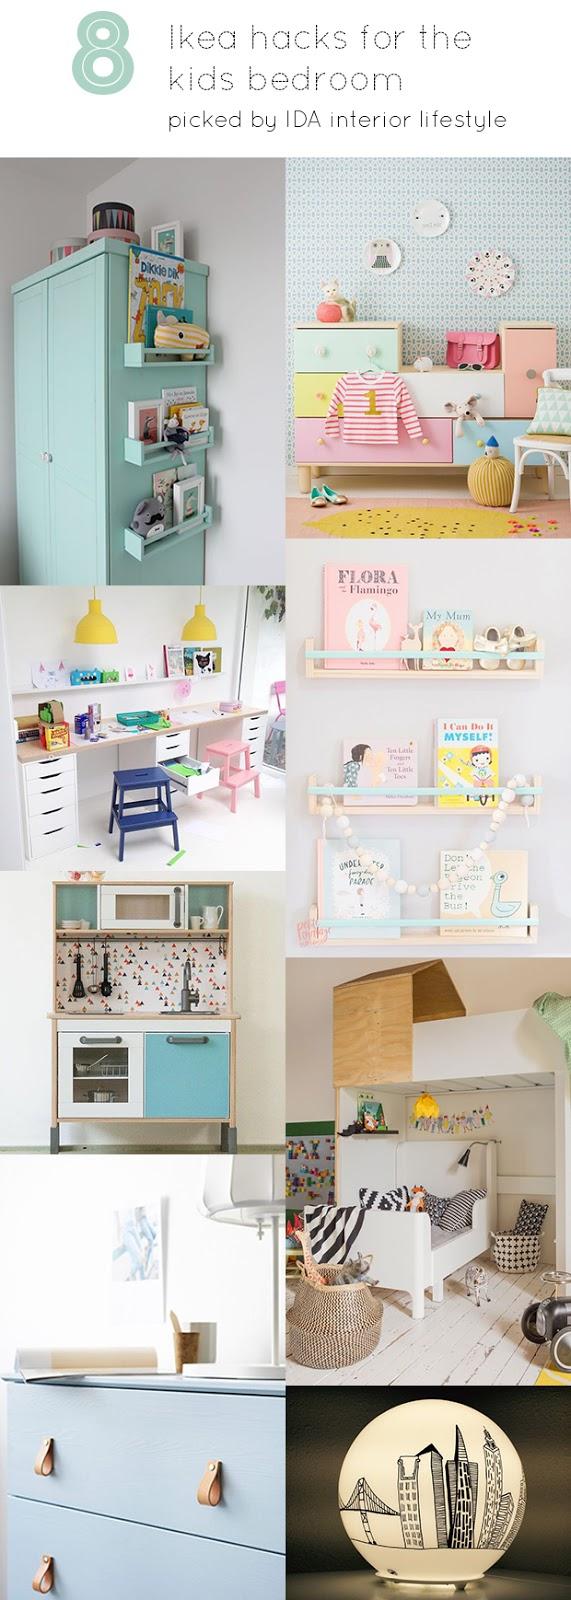 8 Ikea hacks for the kids bedroom